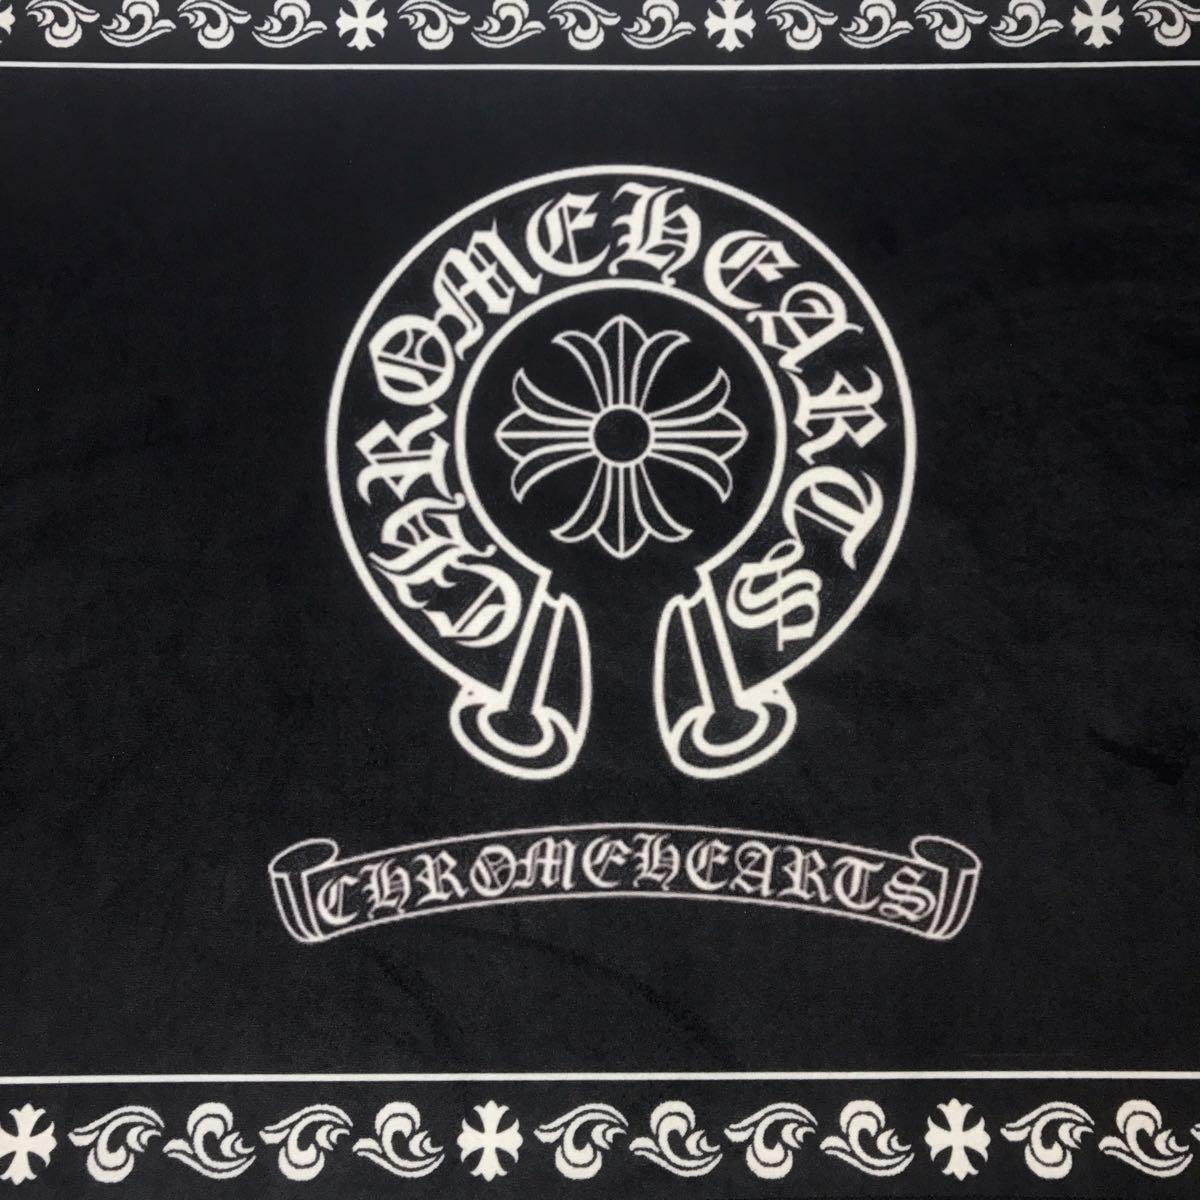 クロムハーツ type ラグマット カーペット 玄関マット 100cm×160cm 1円 スタート 売り切り 数量限定_画像5